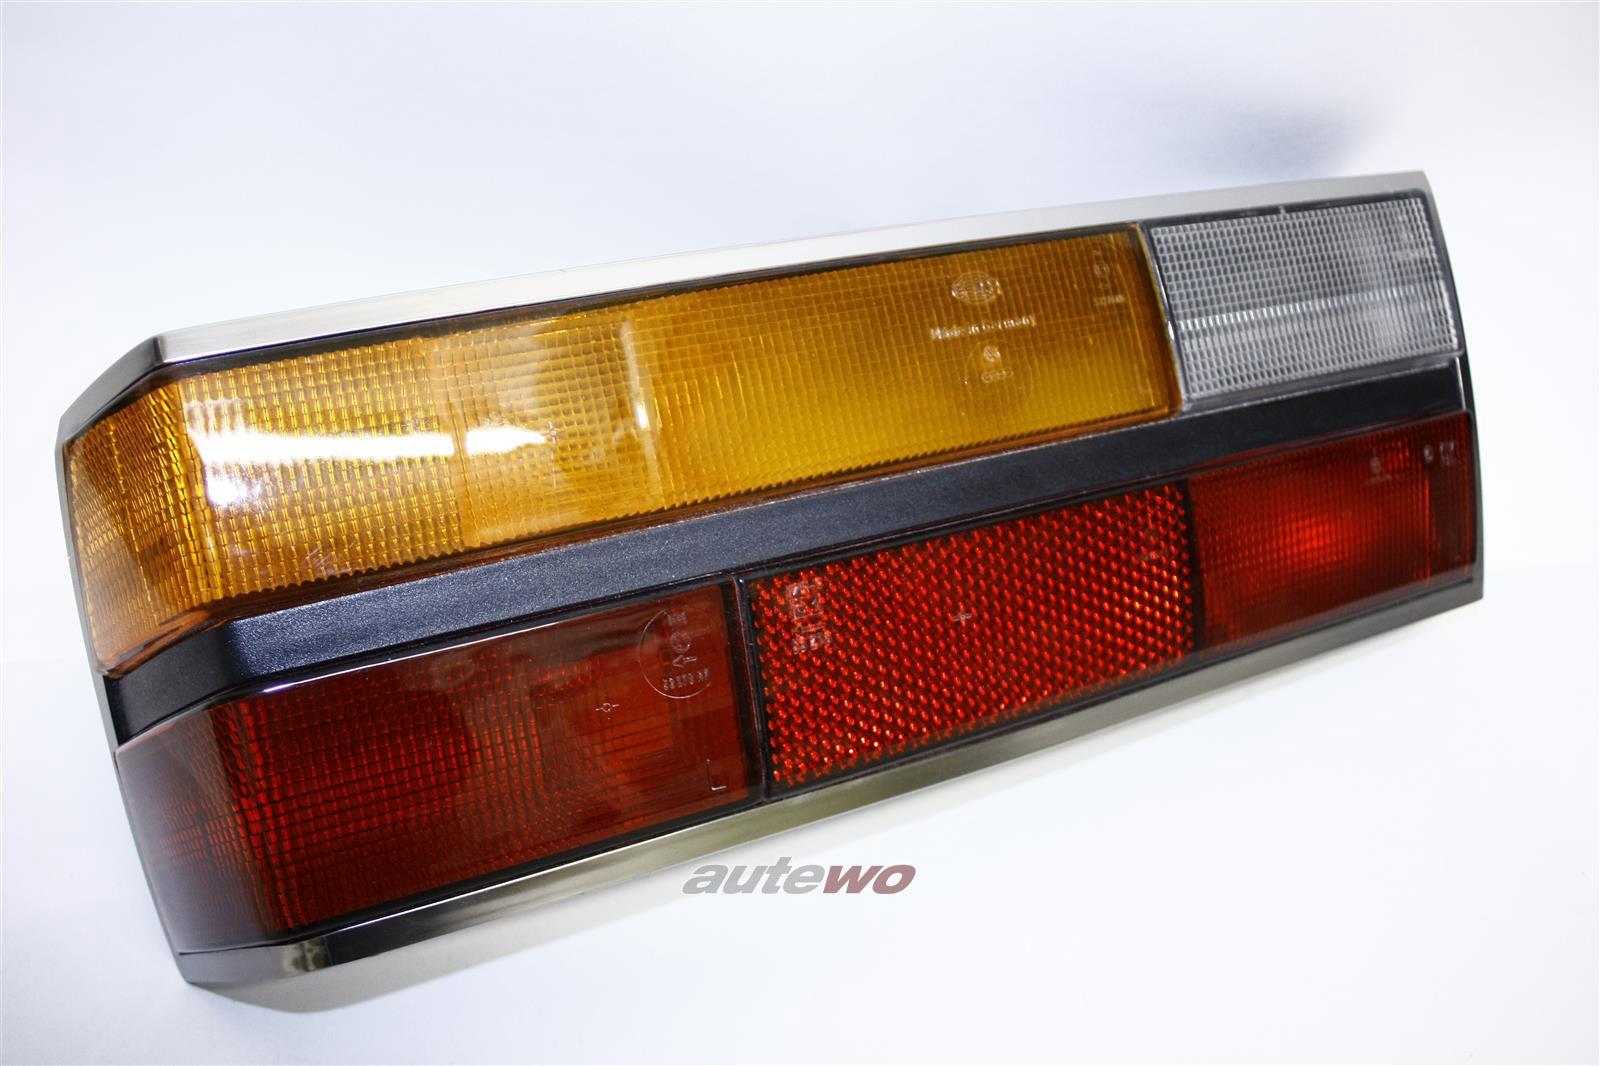 NEU&ORIGINAL Audi 100 Typ 43 / C2 Avant Rücklicht Links 435945217